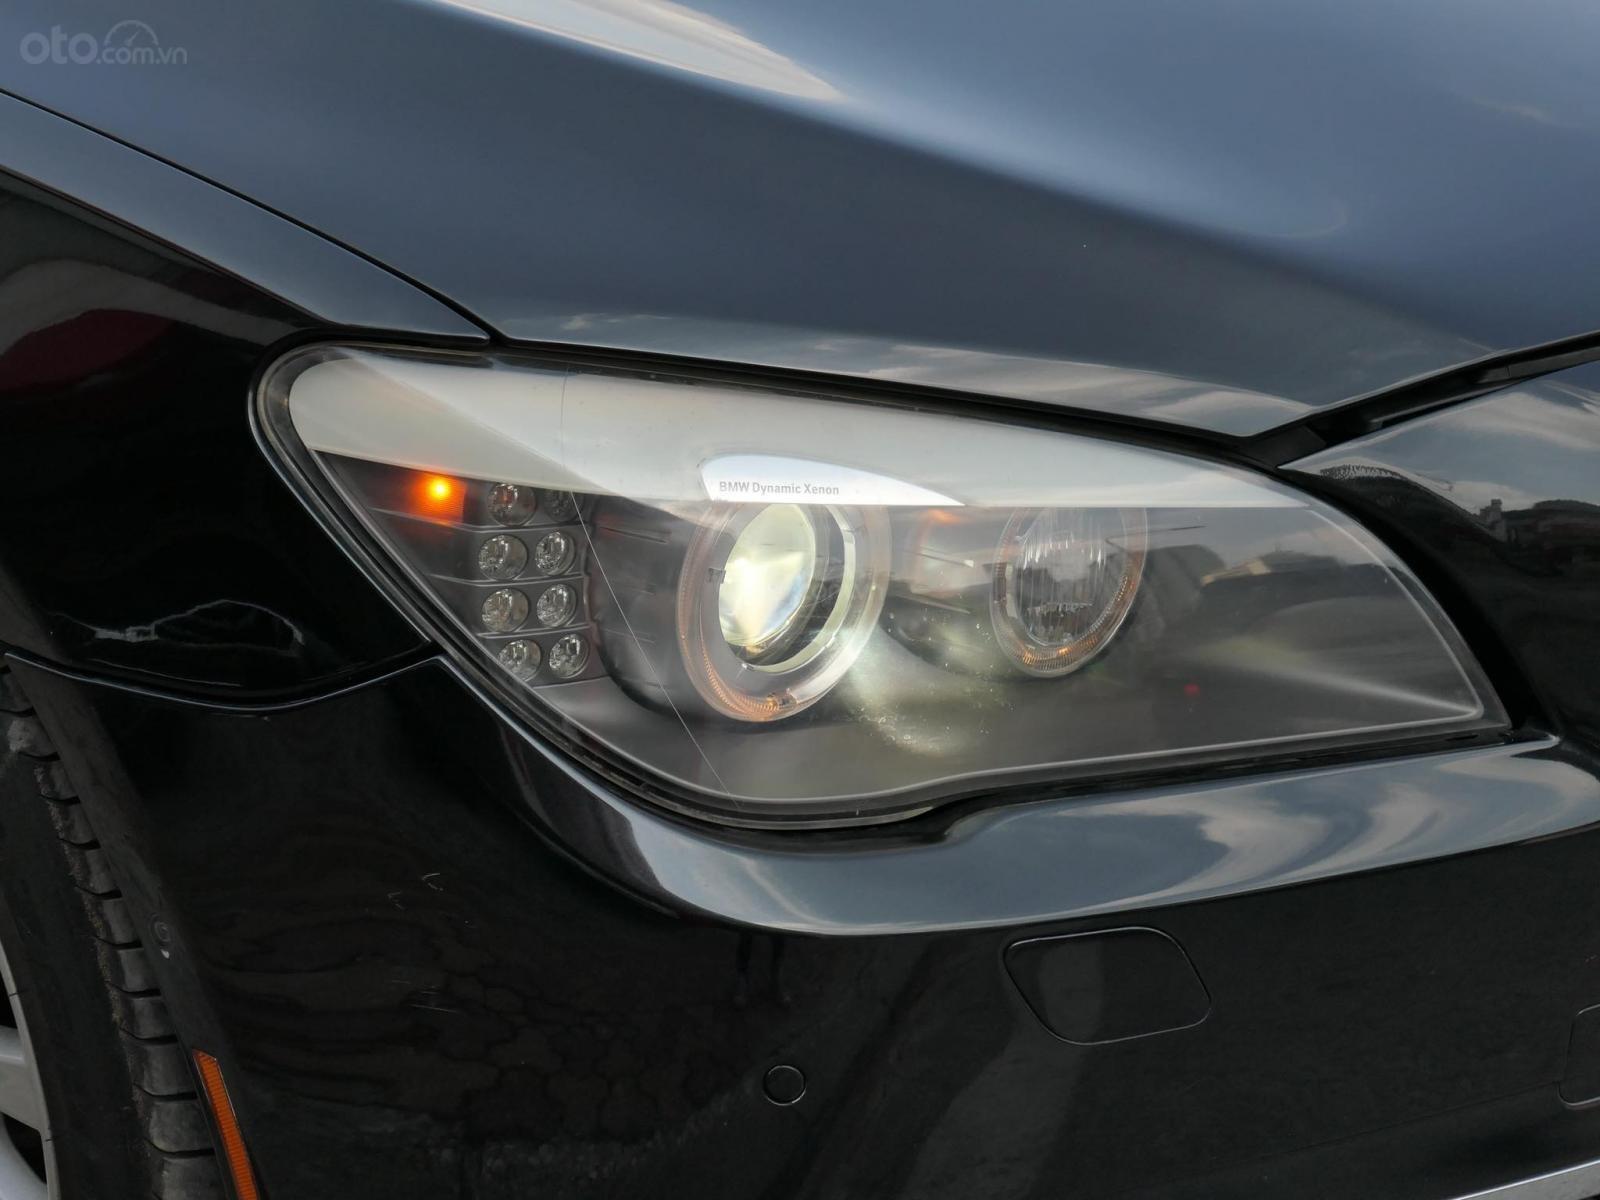 Cần bán BMW 7 Series 2010, màu đen, nhập khẩu, 880 triệu (3)